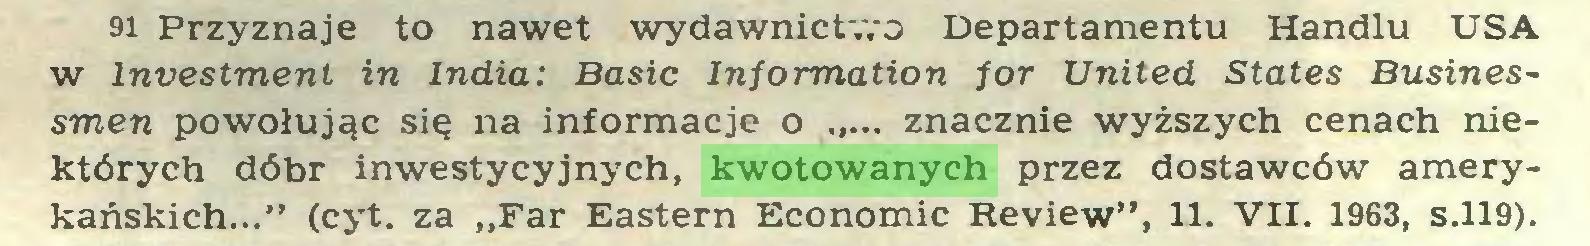 """(...) 91 Przyznaje to nawet wydawnictwo Departamentu Handlu USA w lnvestmenl in India: Basic Information for United States Businessmen powołując się na informacje o ... znacznie wyższych cenach niektórych dóbr inwestycyjnych, kwotowanych przez dostawców amerykańskich..."""" (cyt. za """"Far Eastern Economic Review"""", 11. VII. 1963, s.119)..."""